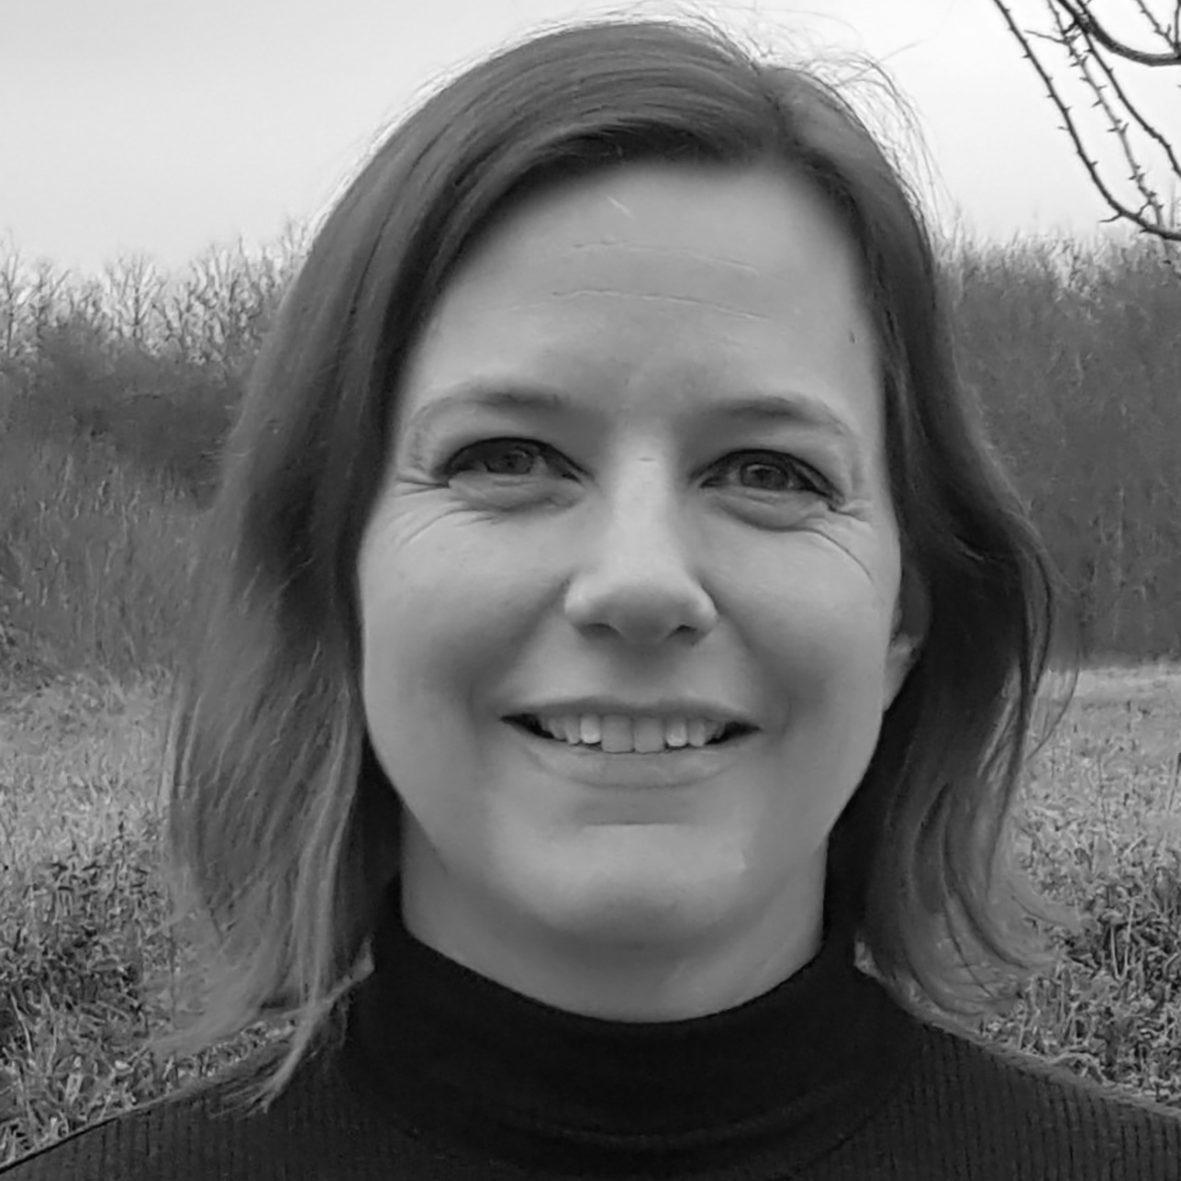 Assoc. Prof. Brigitte Städler: Board member, advisor and co-founder